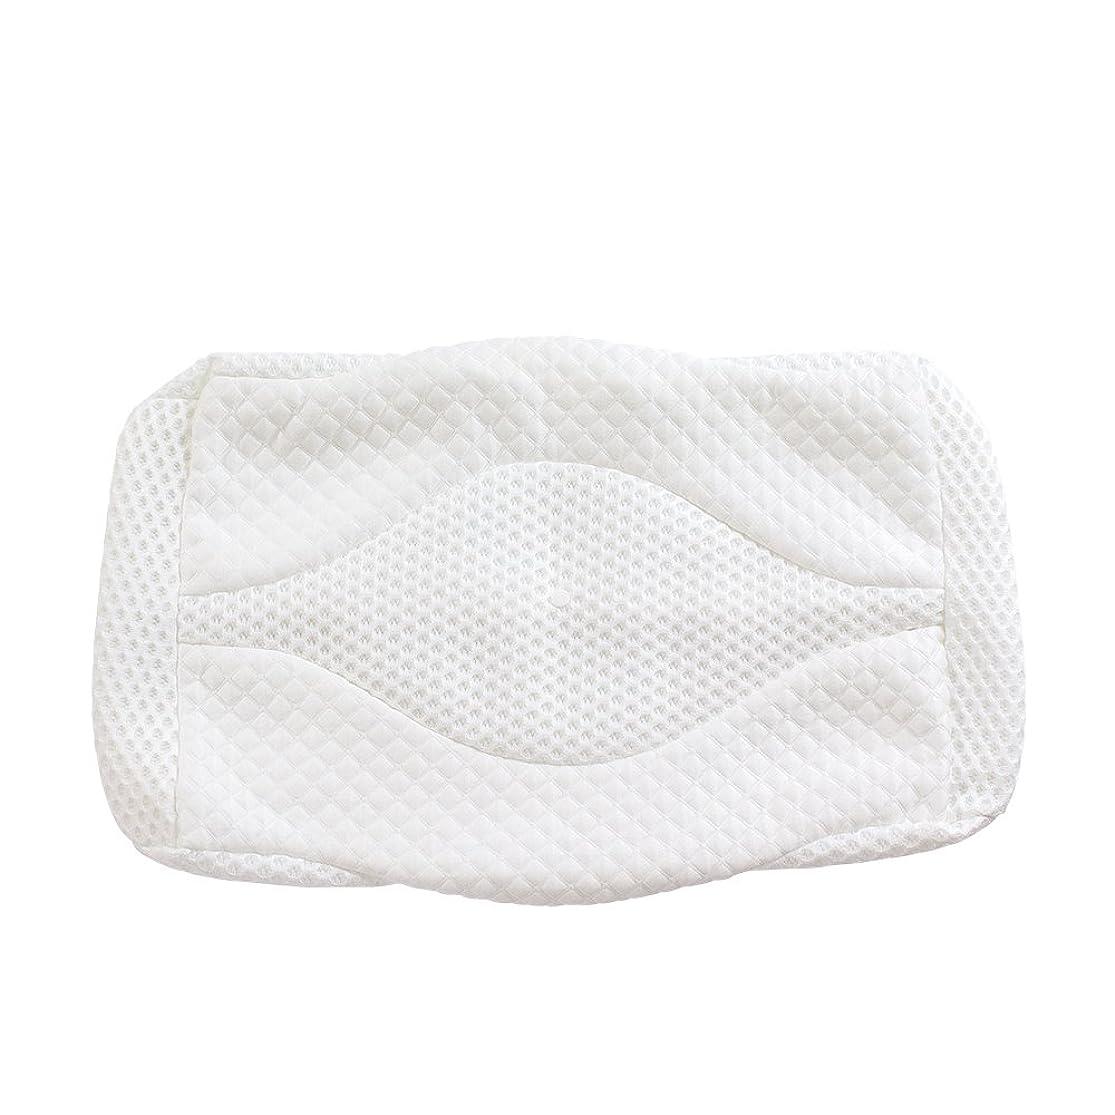 しなければならない令状戦艦MyeFoam 新世代 体圧分散 枕カバー ピロカバー ホワイト 上質なやさしさと肌ざわり